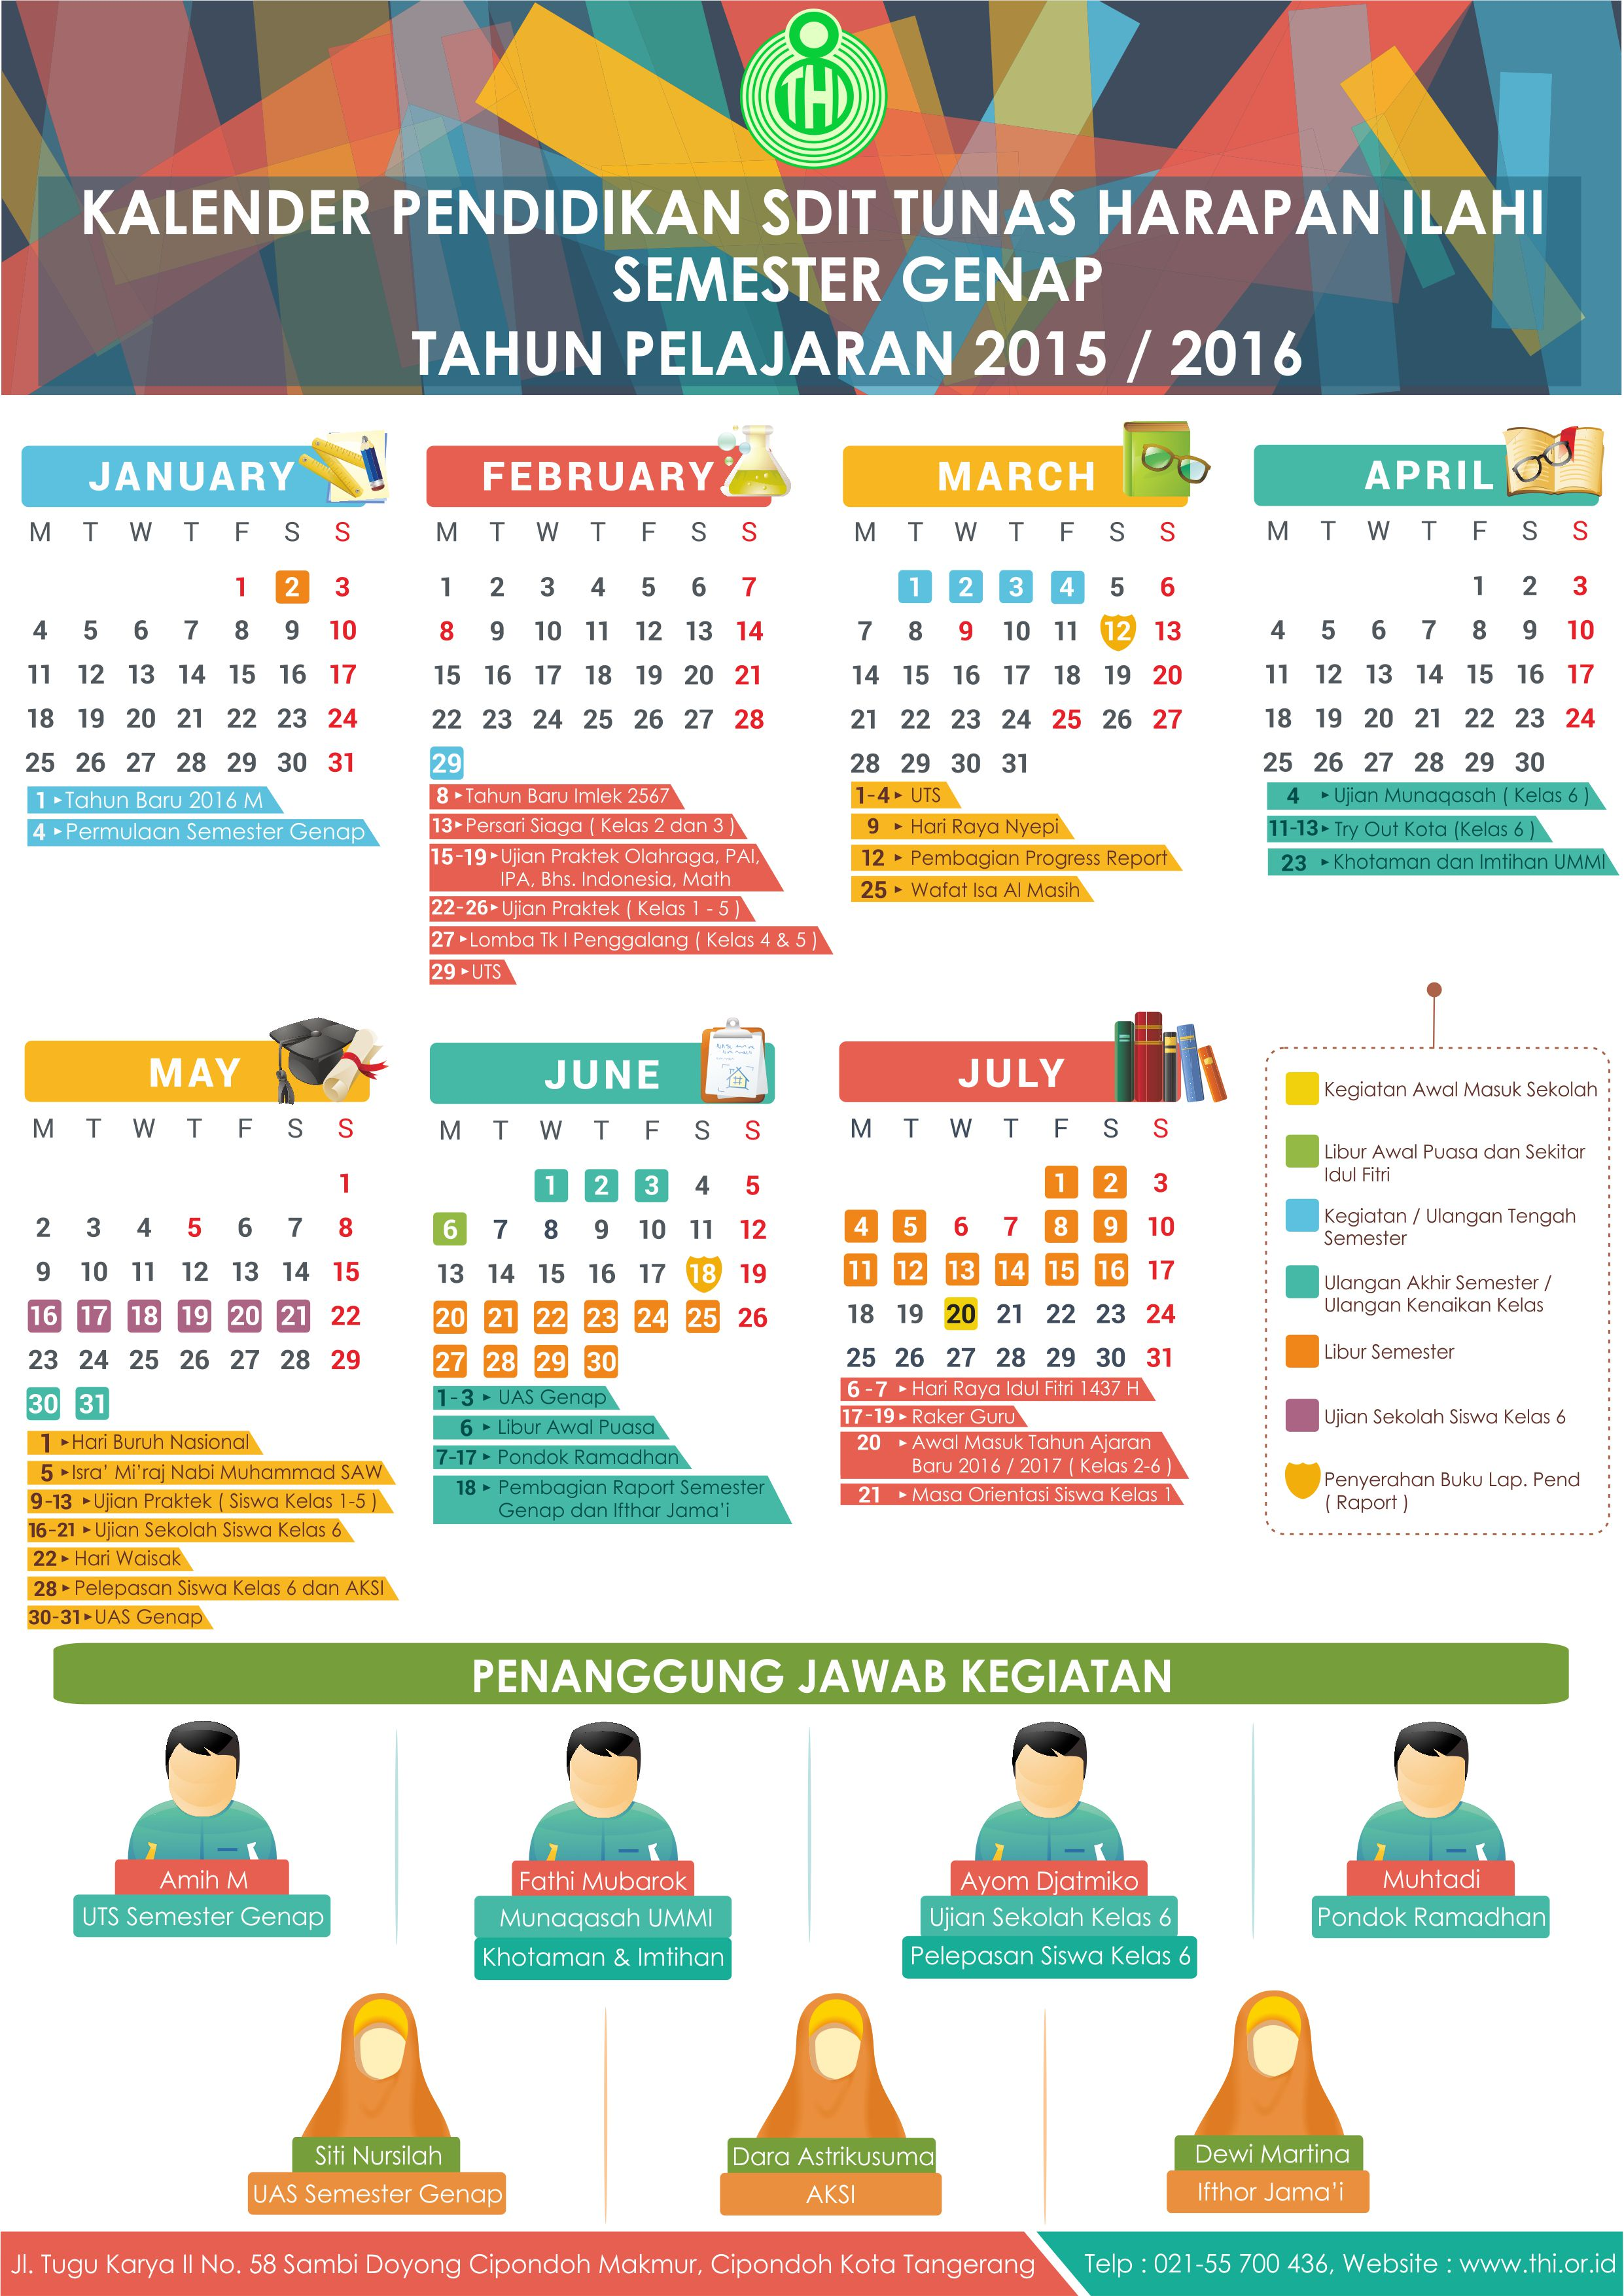 Kalender Pendidikan SDIT THI Semester Genap 2015/2016